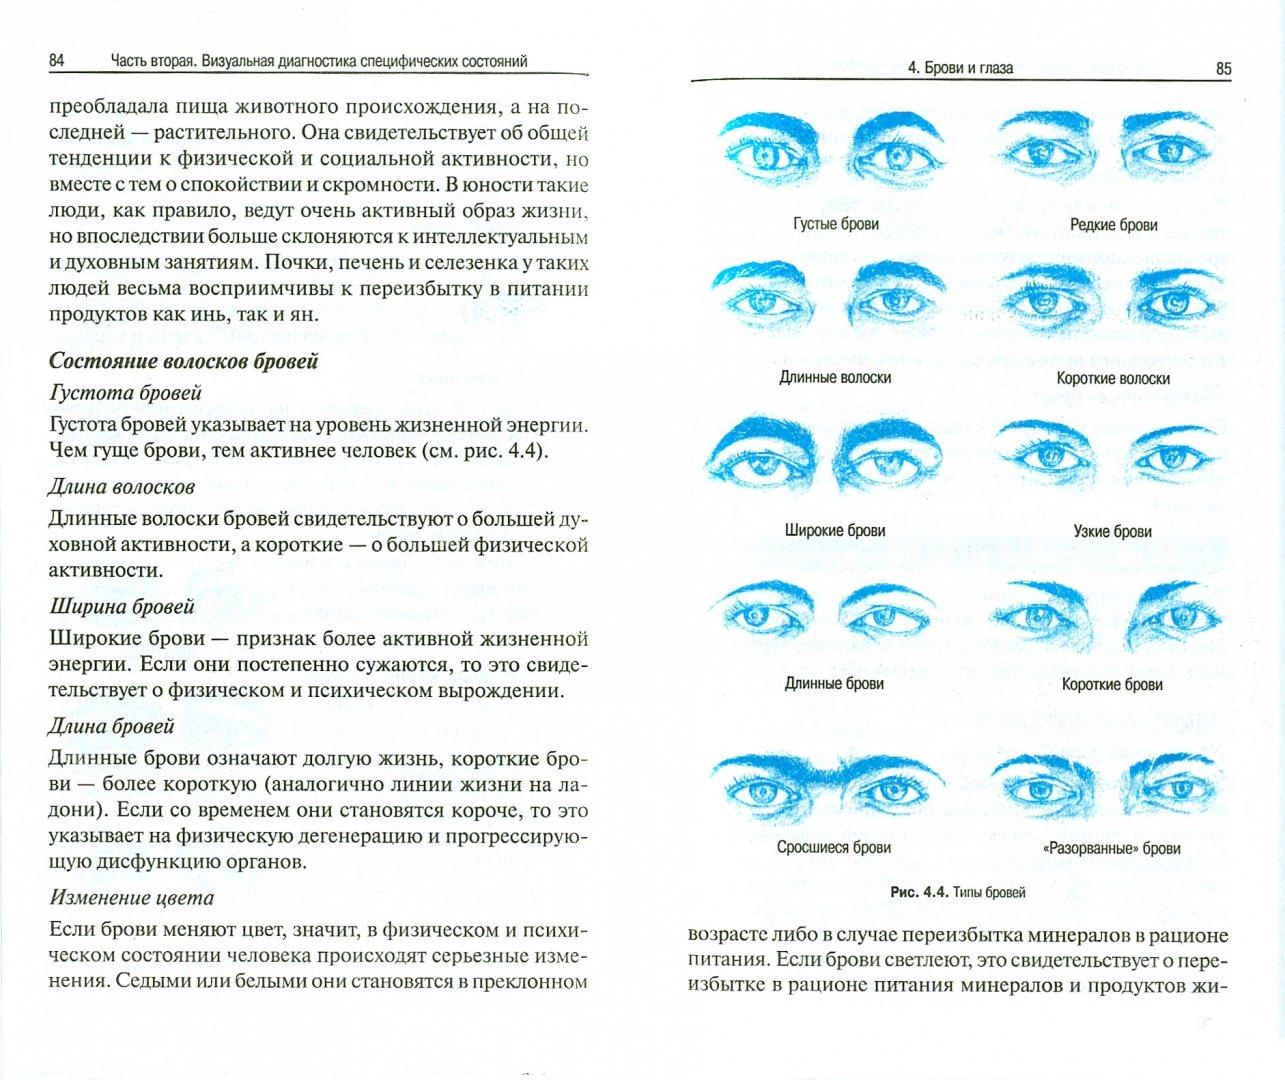 Иллюстрация 1 из 16 для Руководство по восточной диагностике - Мишио Куши | Лабиринт - книги. Источник: Лабиринт